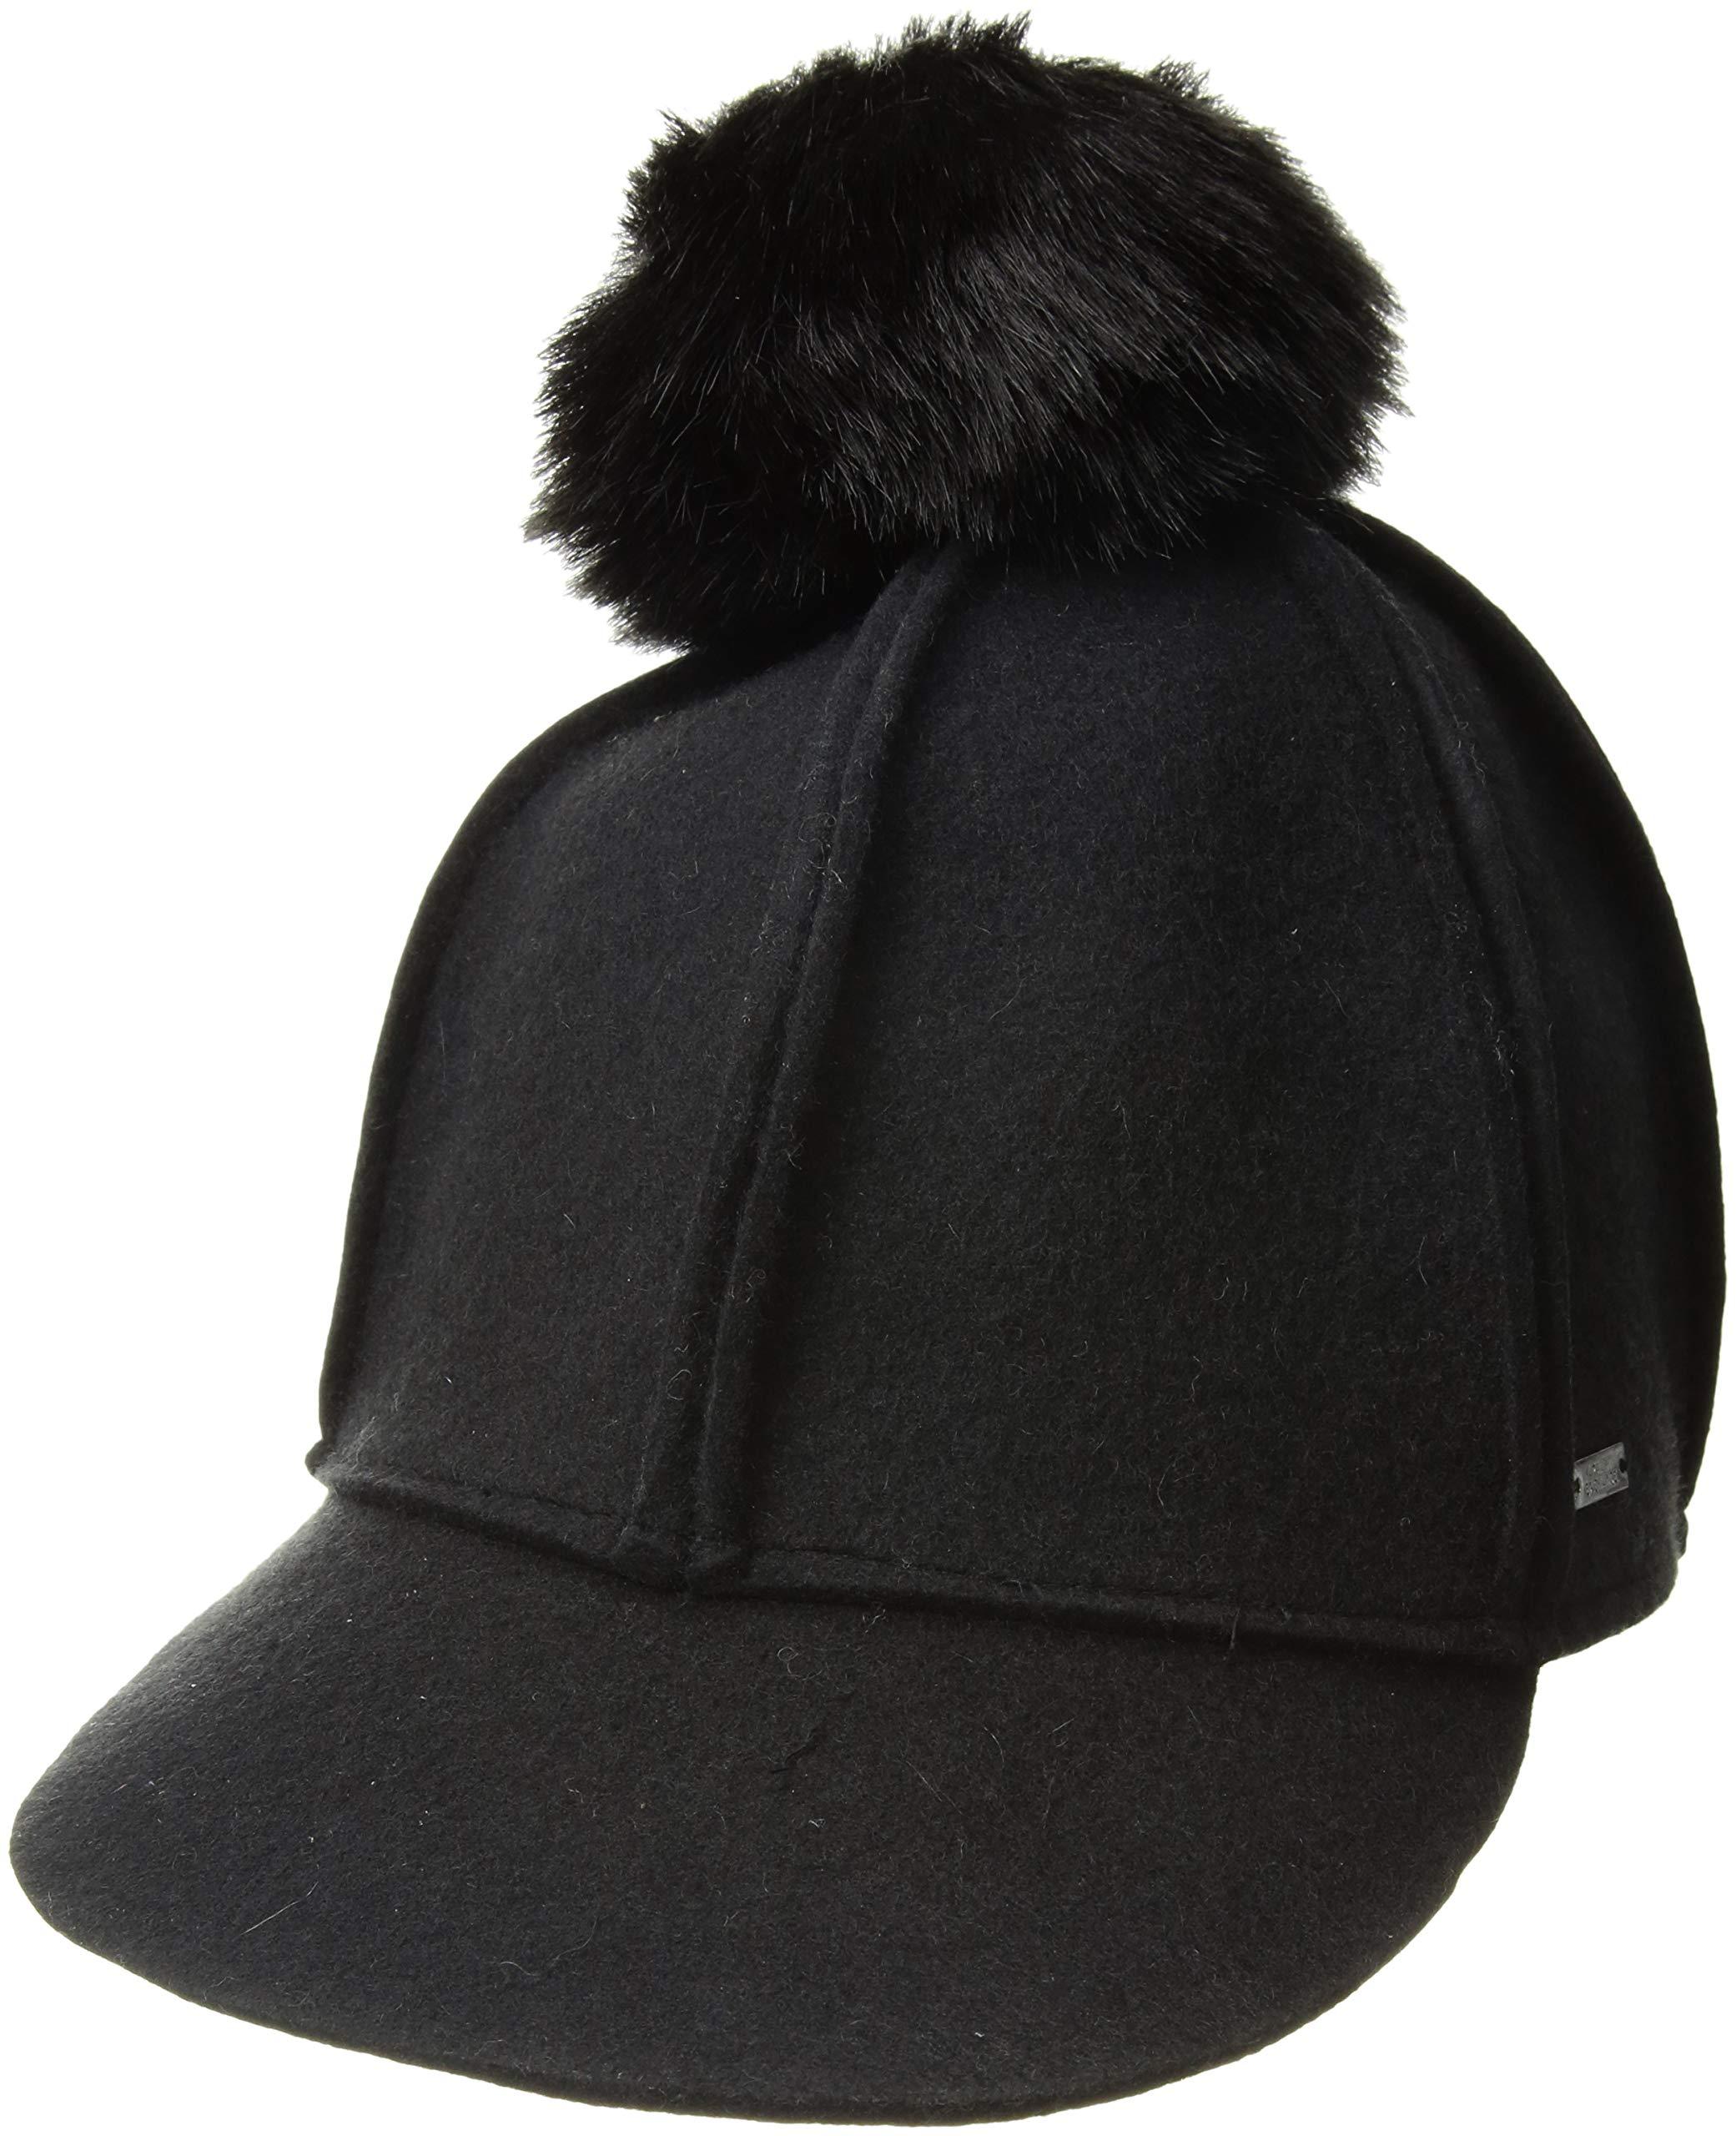 A|X Armani Exchange Women's Felt basbeball Cap, Black, s/m by A|X Armani Exchange